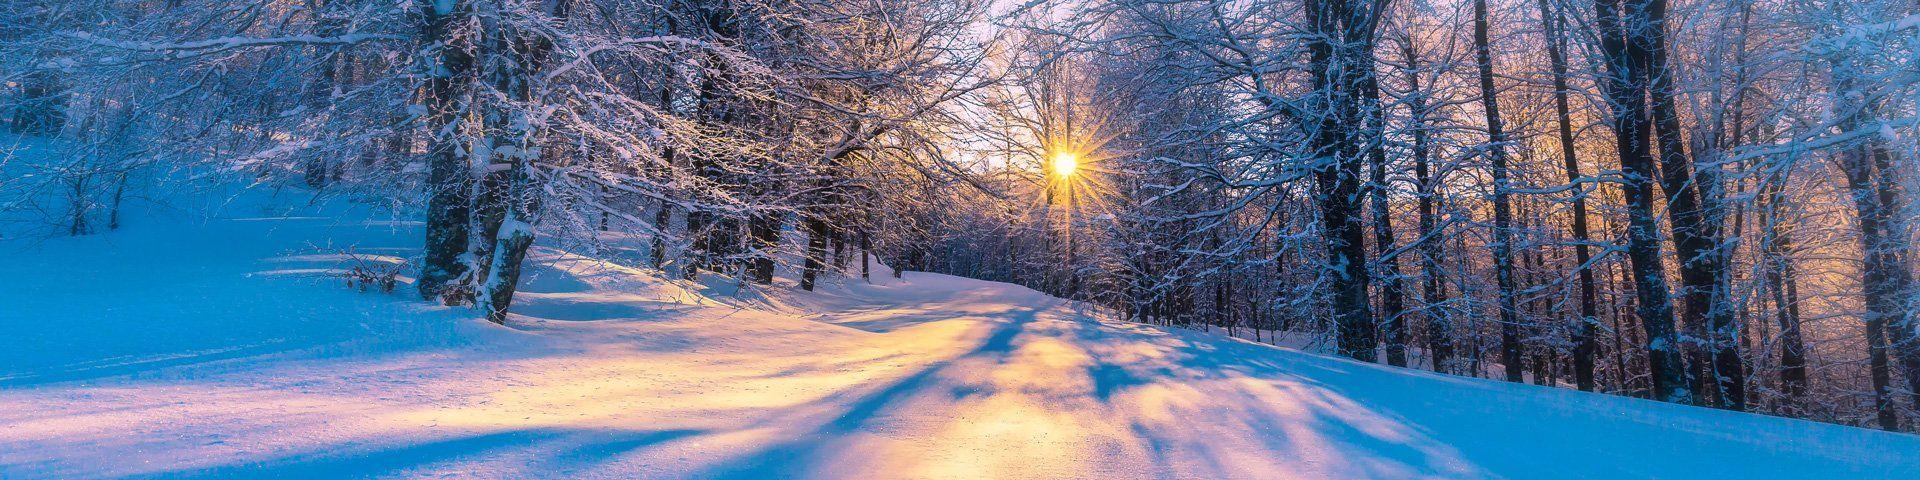 Tia nắng mùa đông chiếu xuyên qua khu rừng tuyết phủ